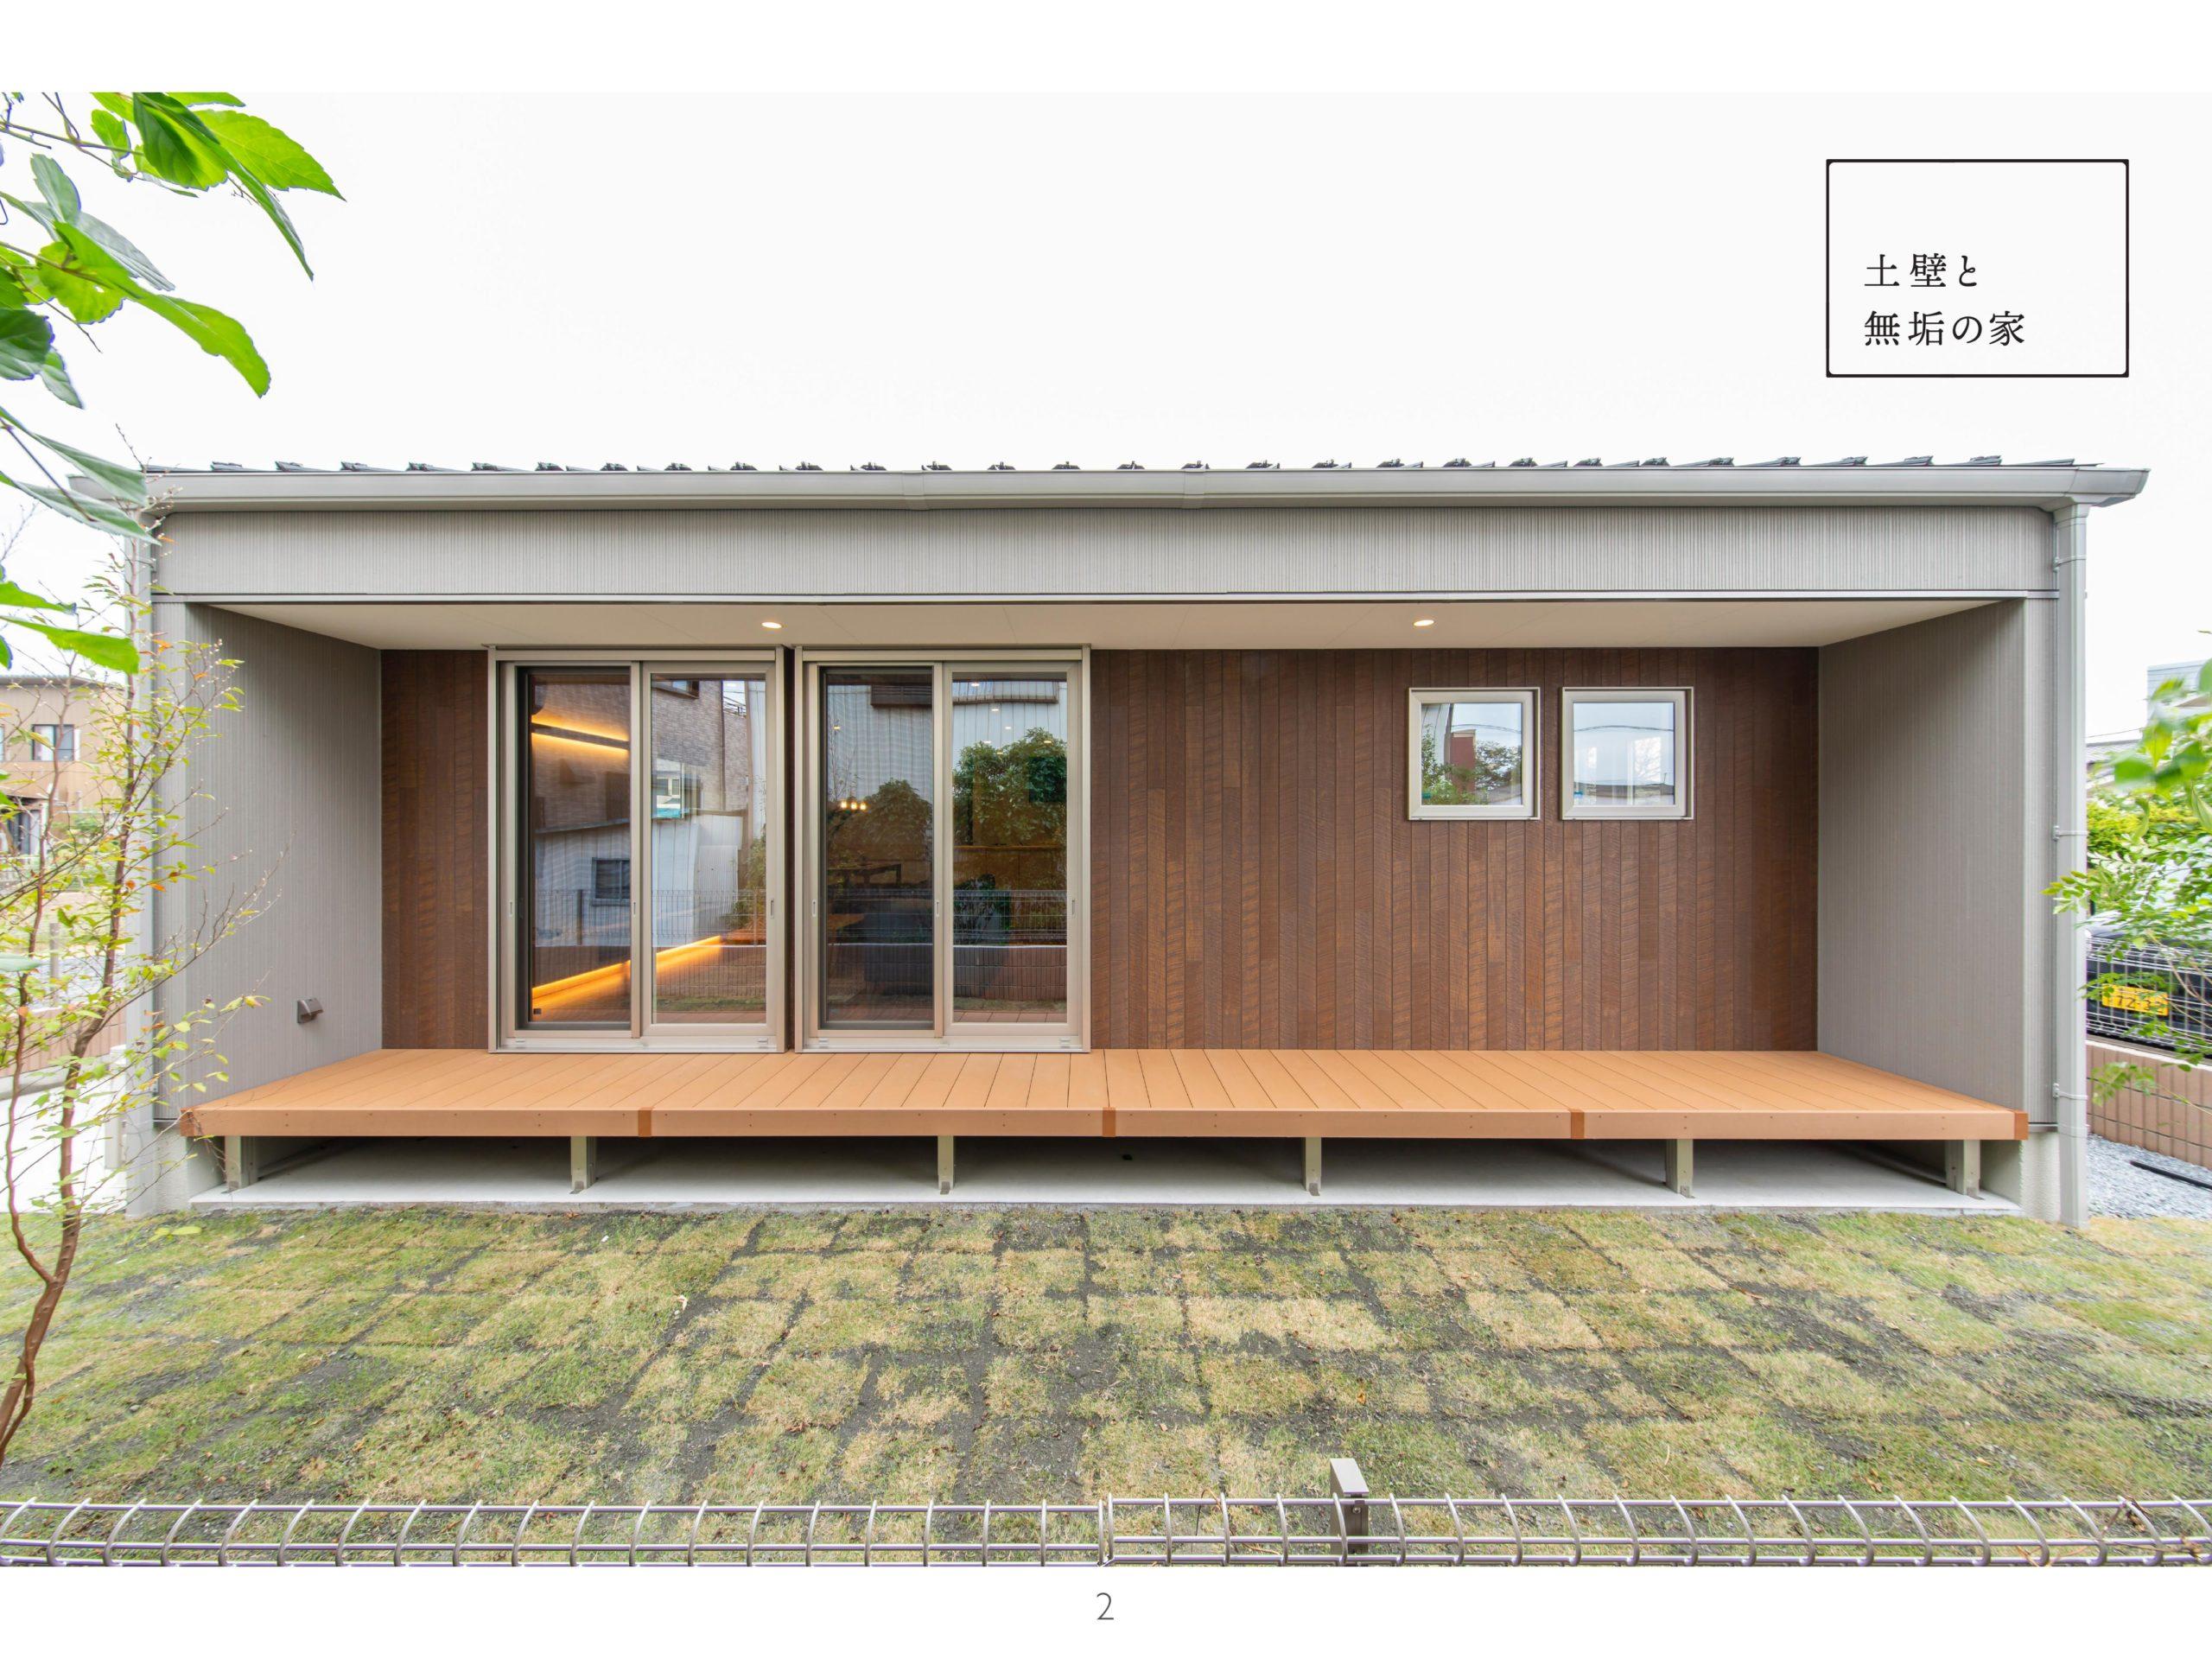 土壁と無垢の家 平屋|八戸市 平屋